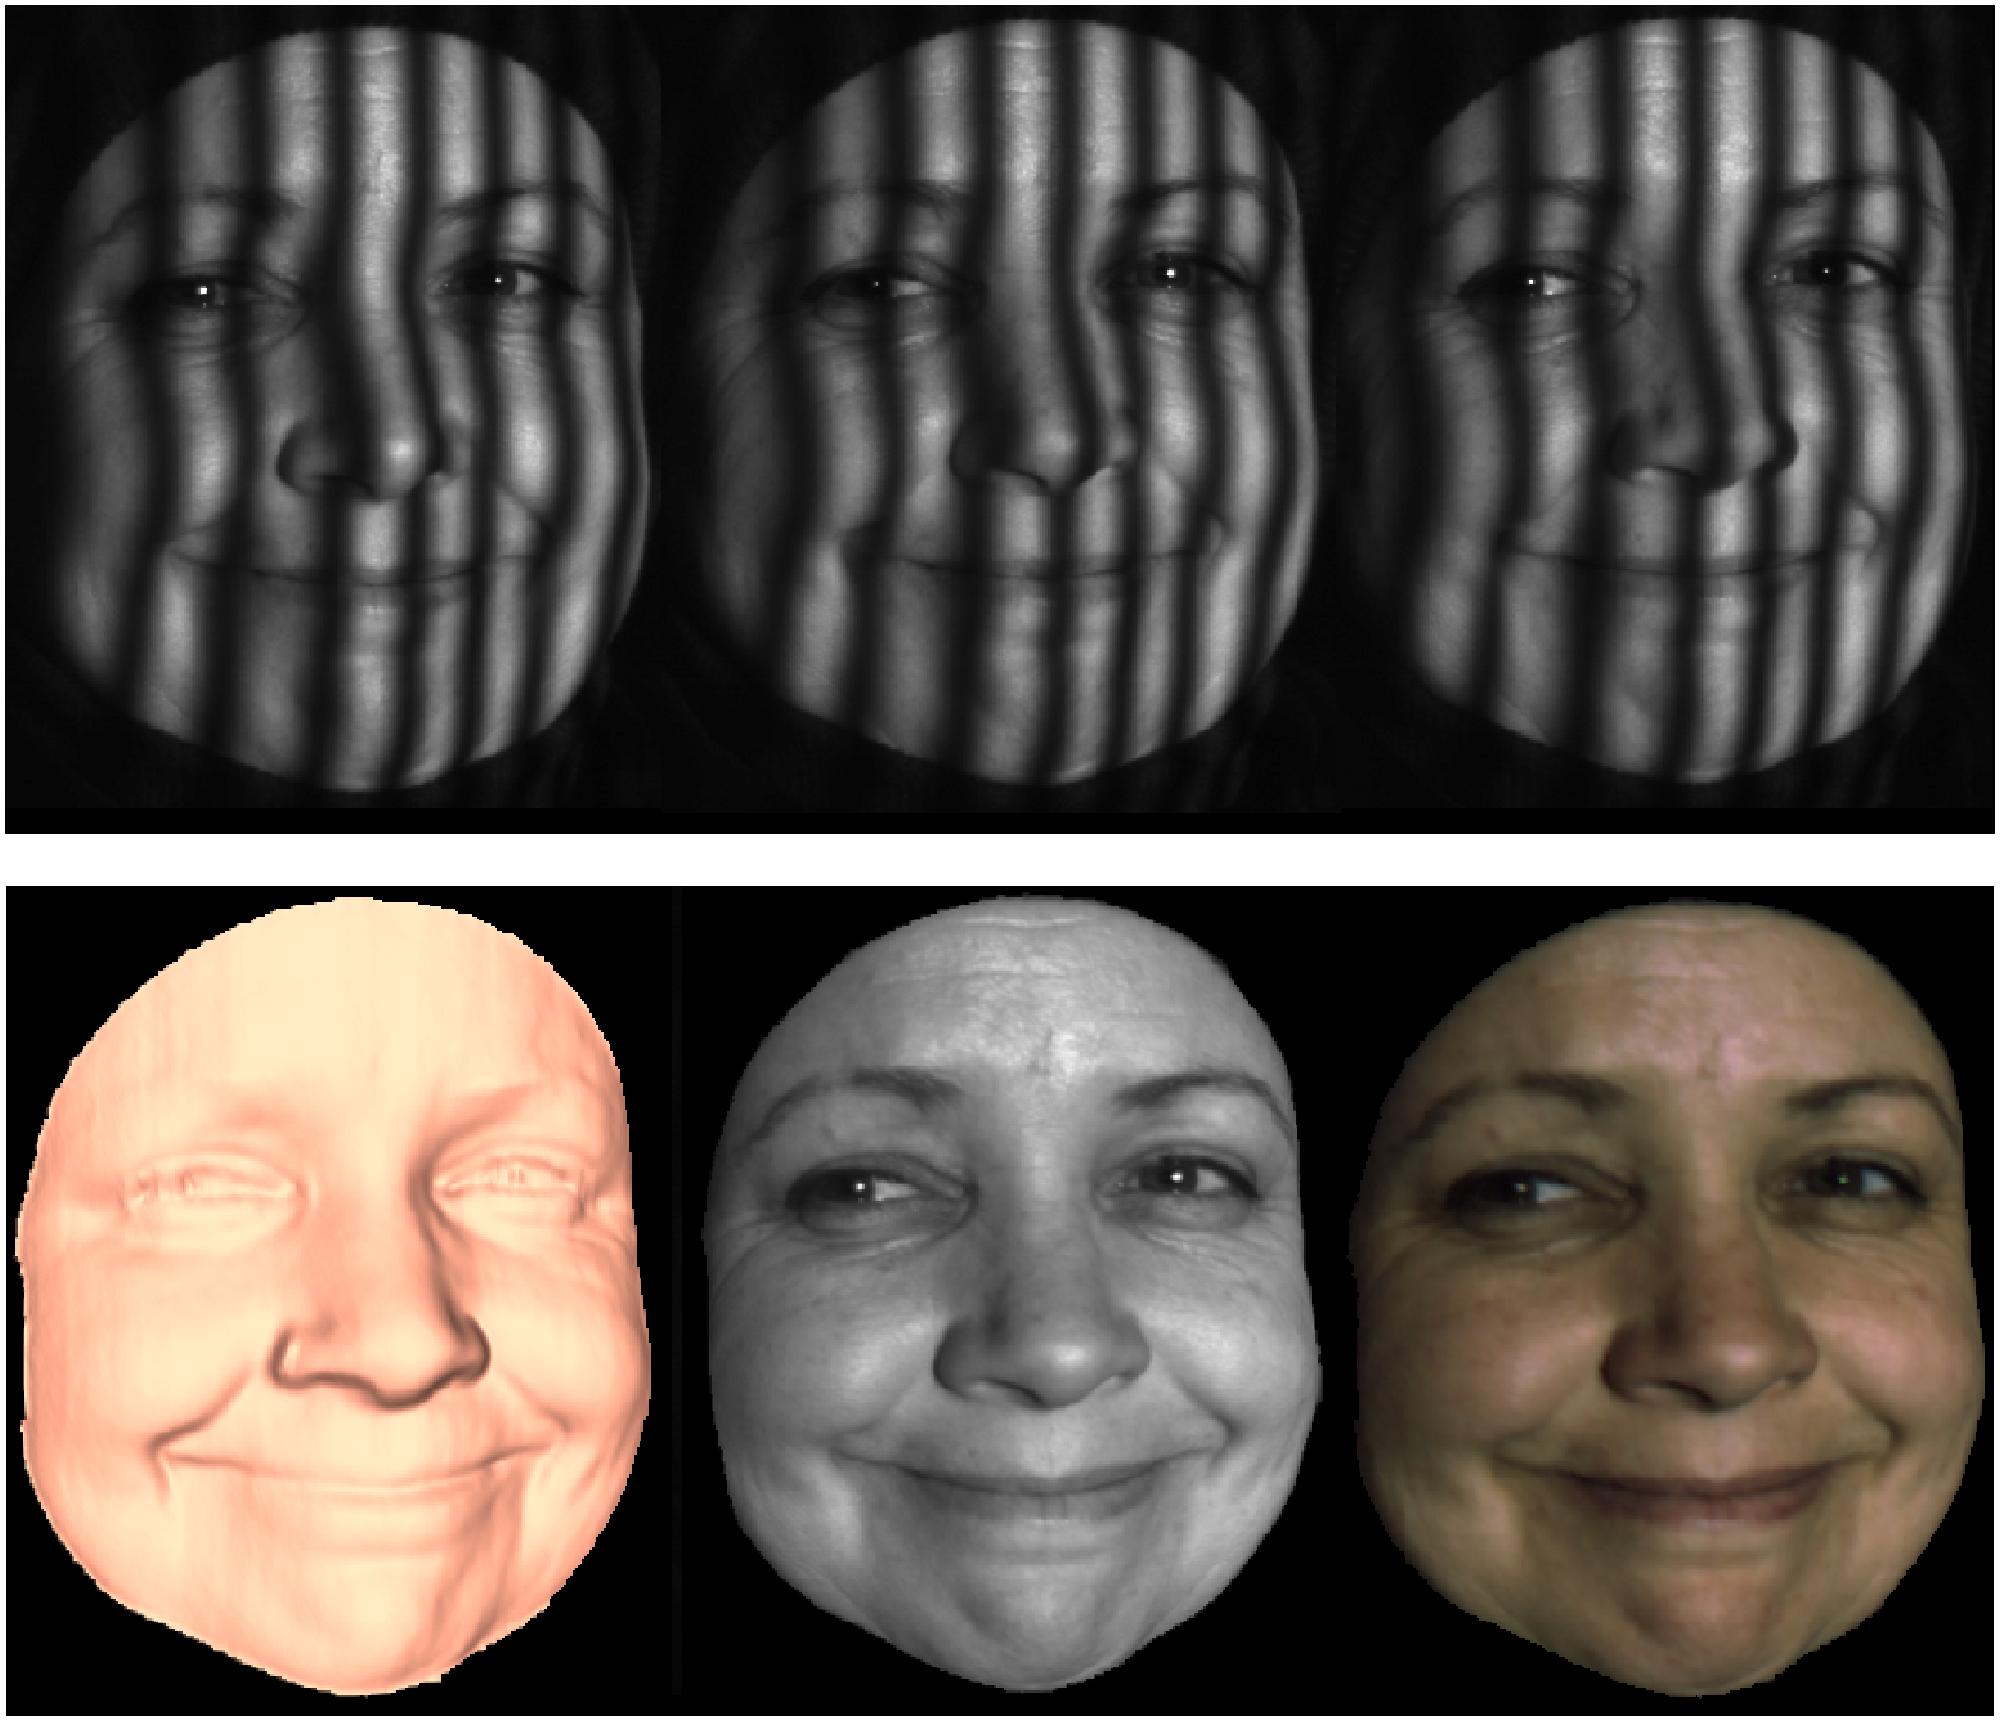 Researchers develop 3-D reconstruction software